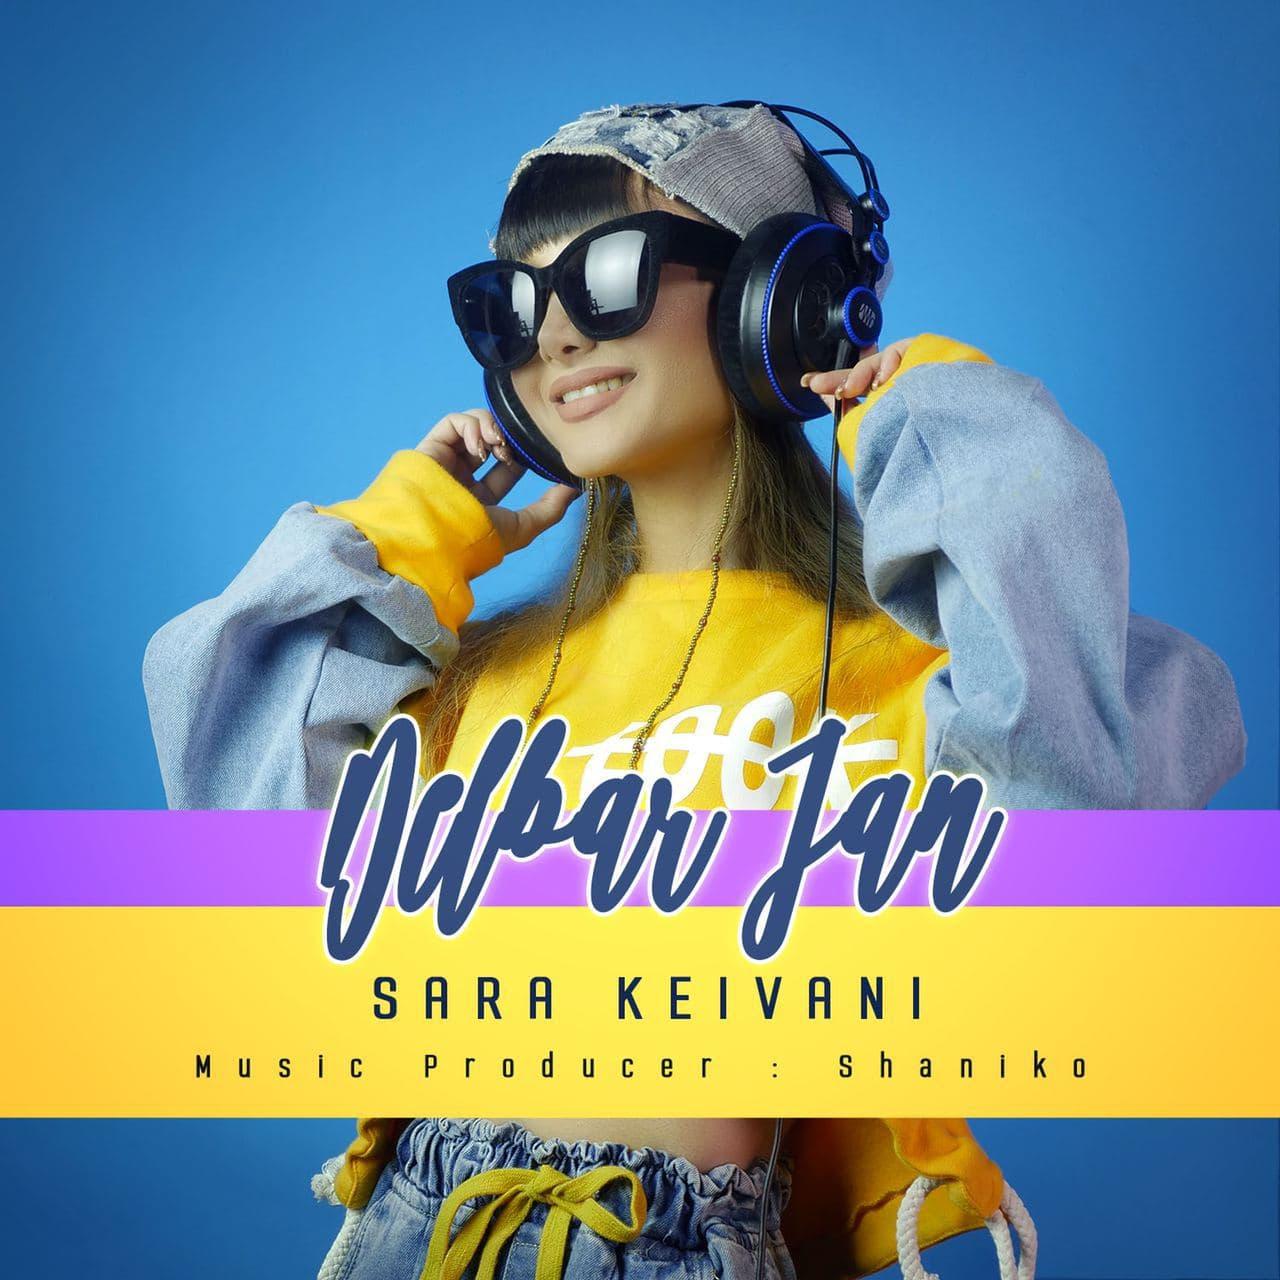 Sara Keivani – Delbar Jan